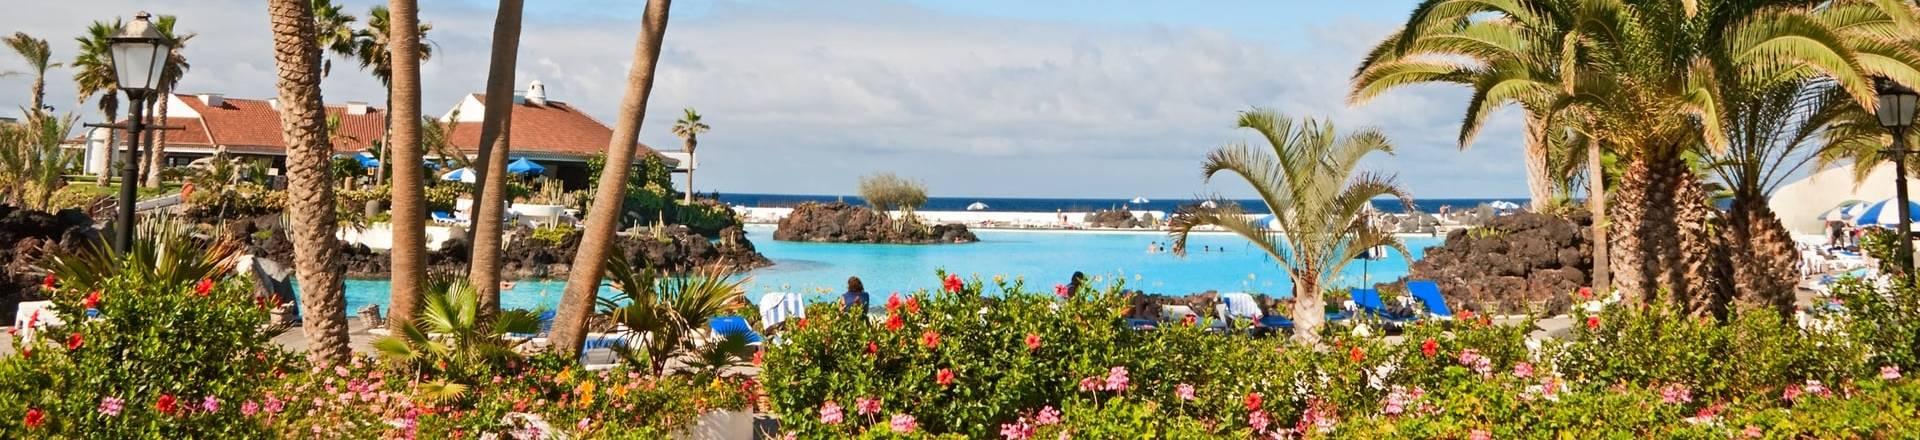 Hoteles baratos en puerto de la cruz tenerife destinia - Hoteles baratos puerto de la cruz ...